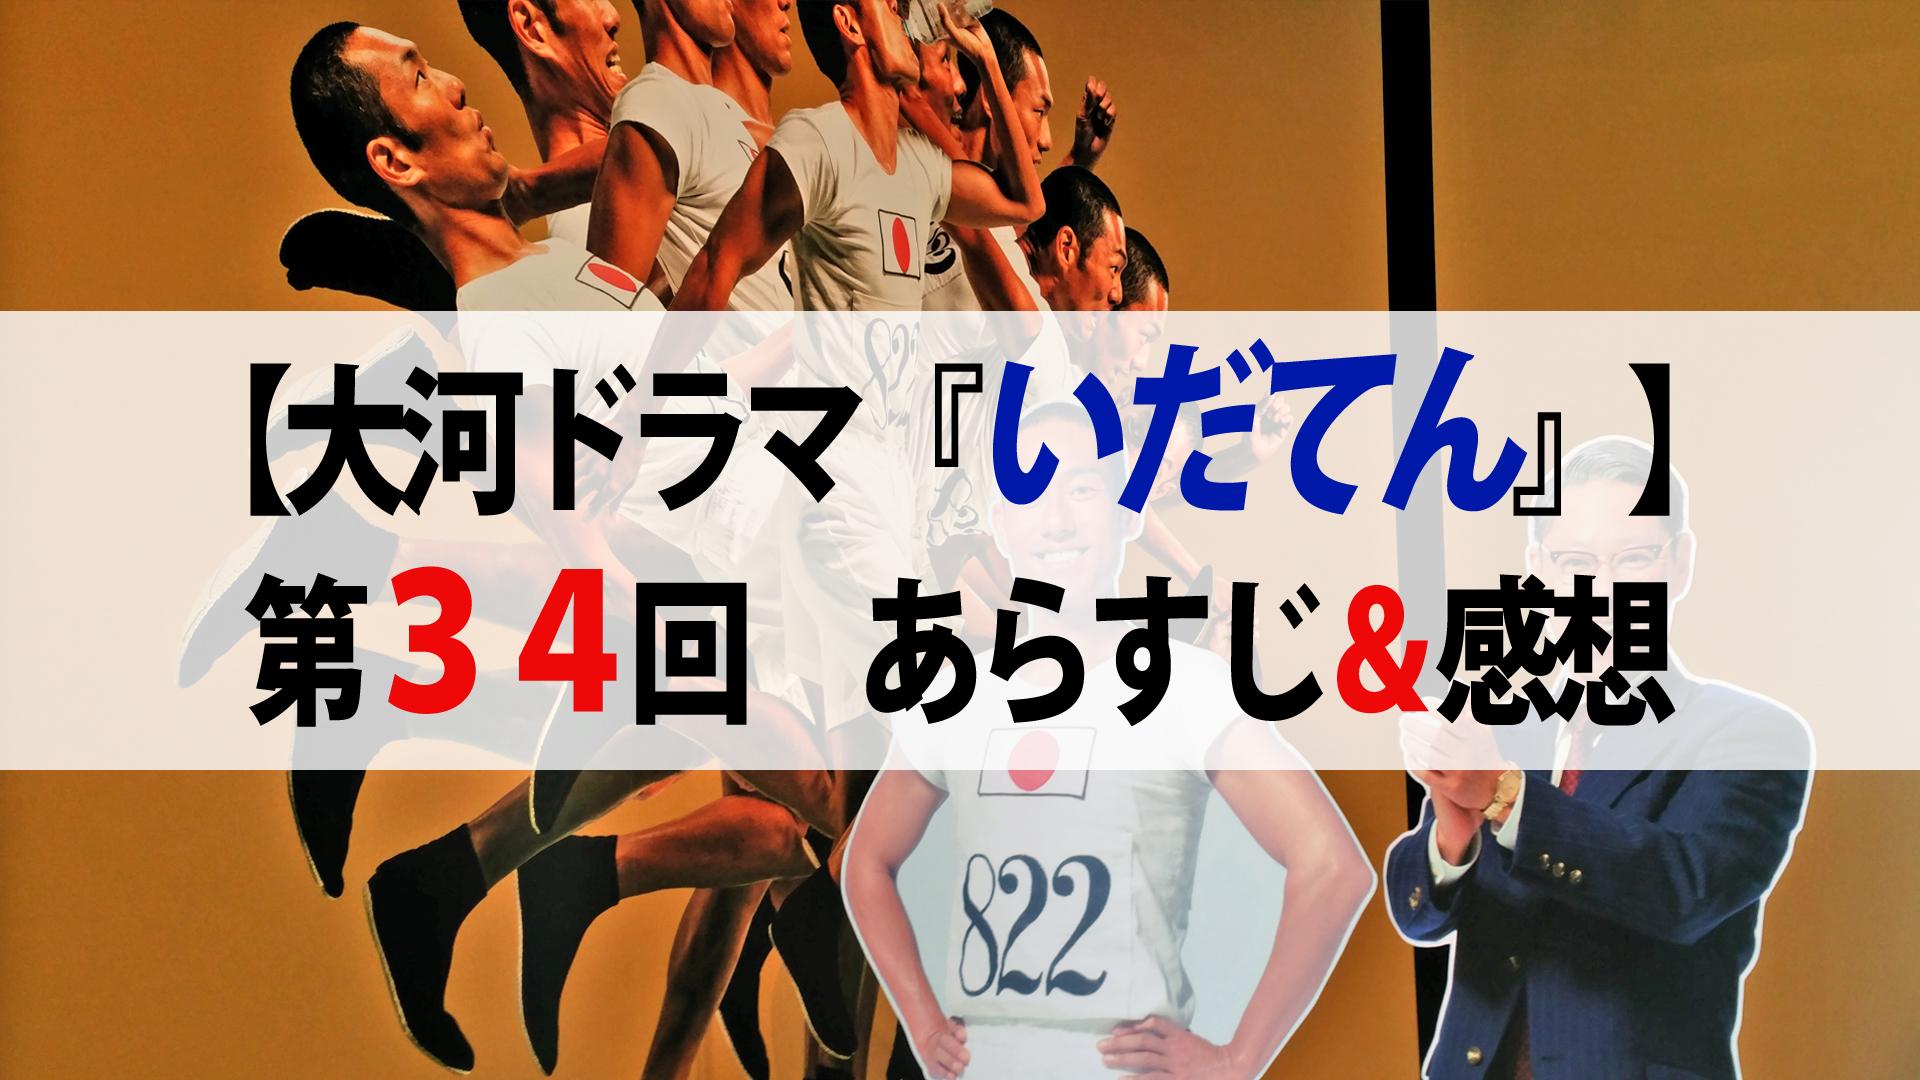 【大河ドラマ『いだてん』】第34回『226』あらすじ&感想